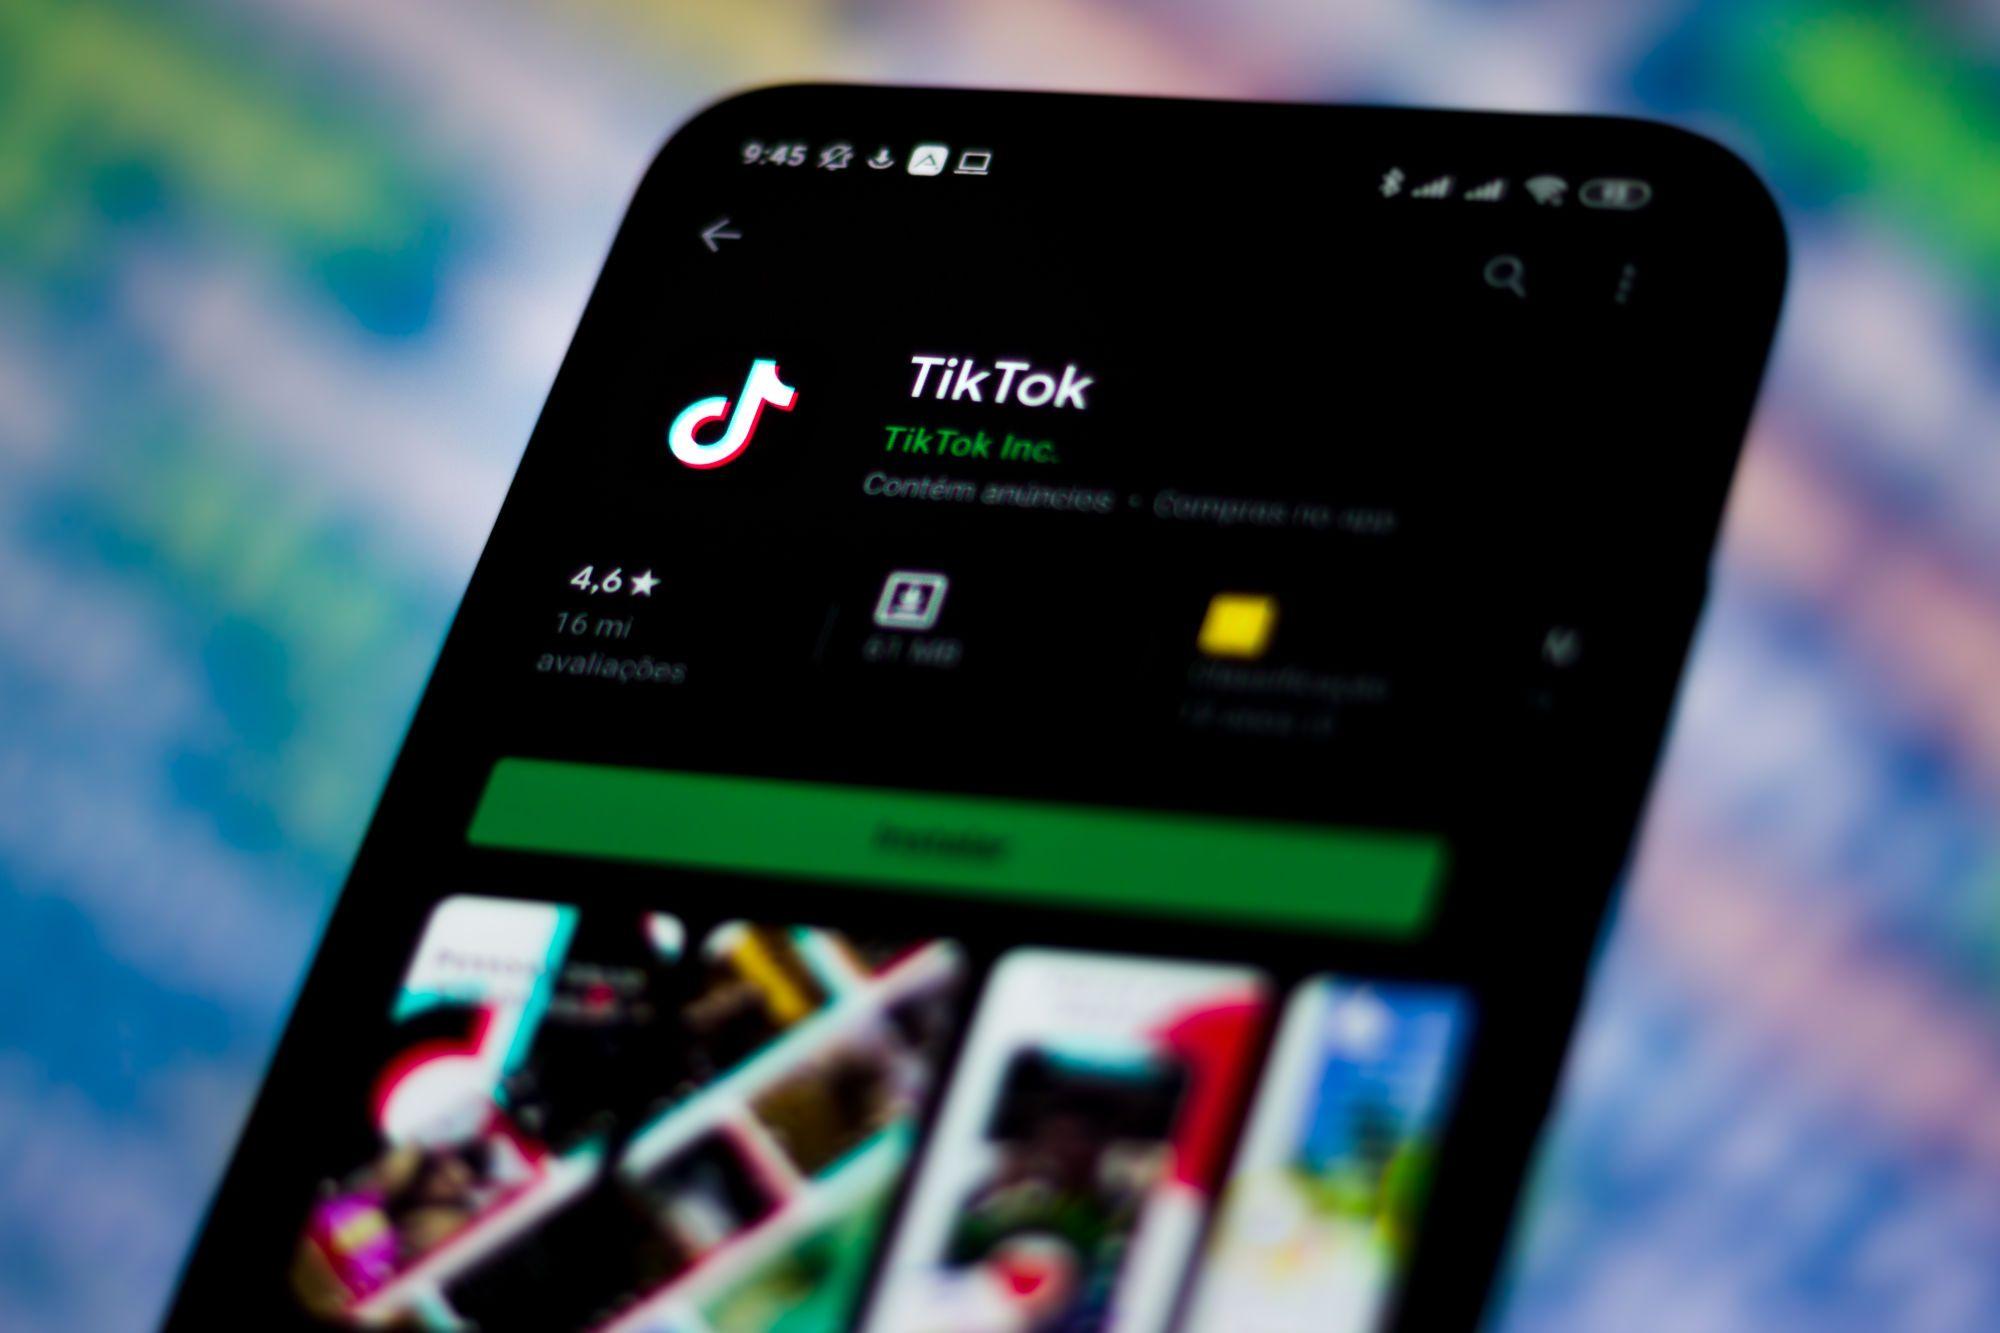 Estados Unidos también está considerando prohibir TikTok